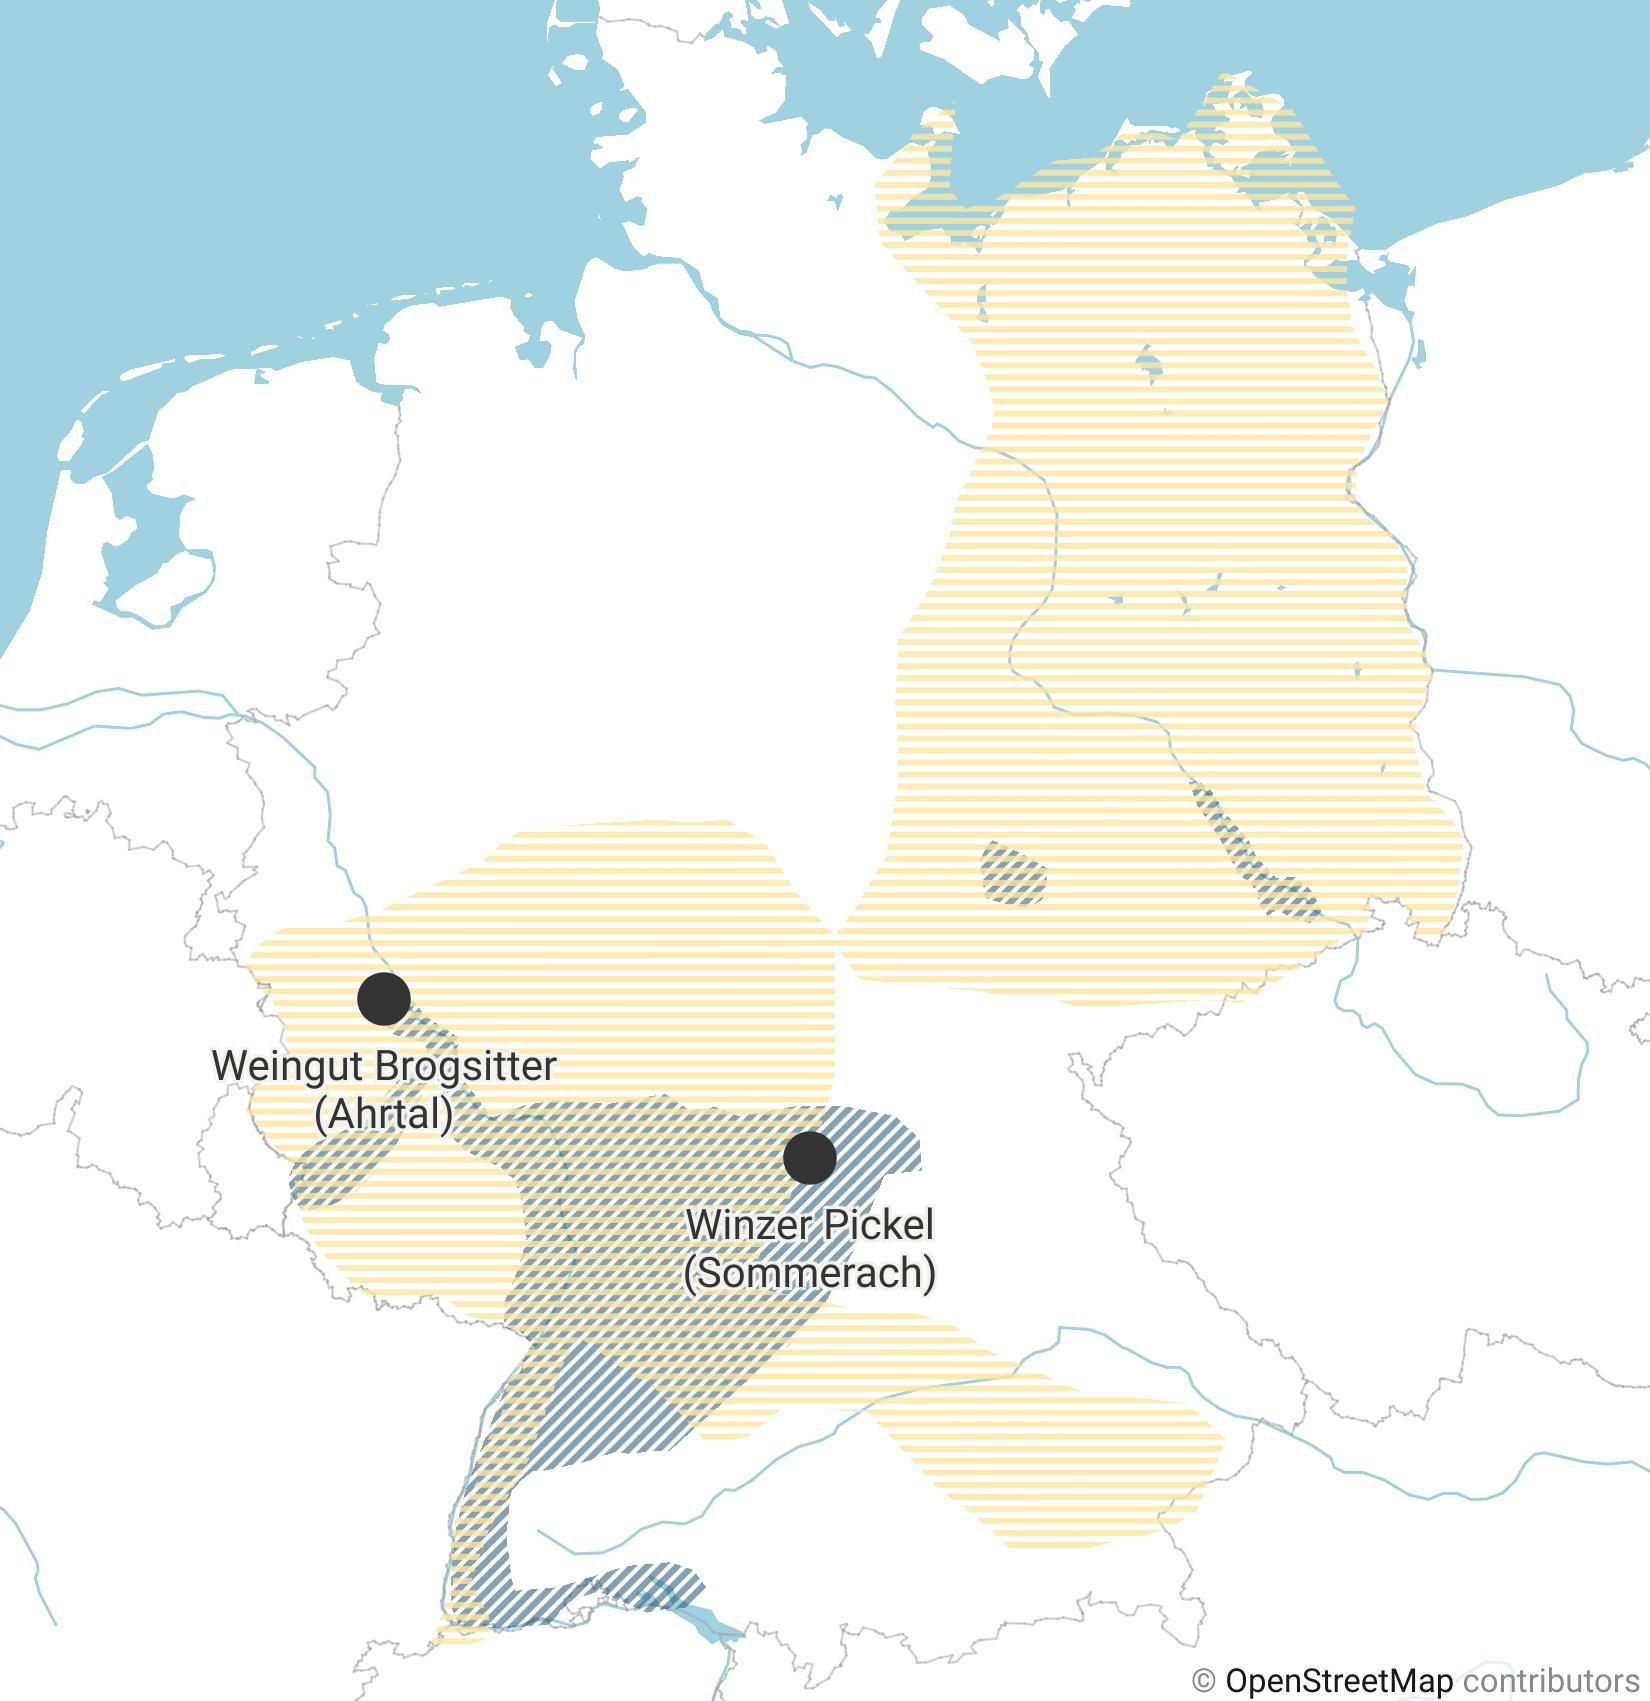 Eine Karte zeigt, in welchen Regionen Deutschlands sich Weinanbaugebiete und trockene Gebiete überschneiden.